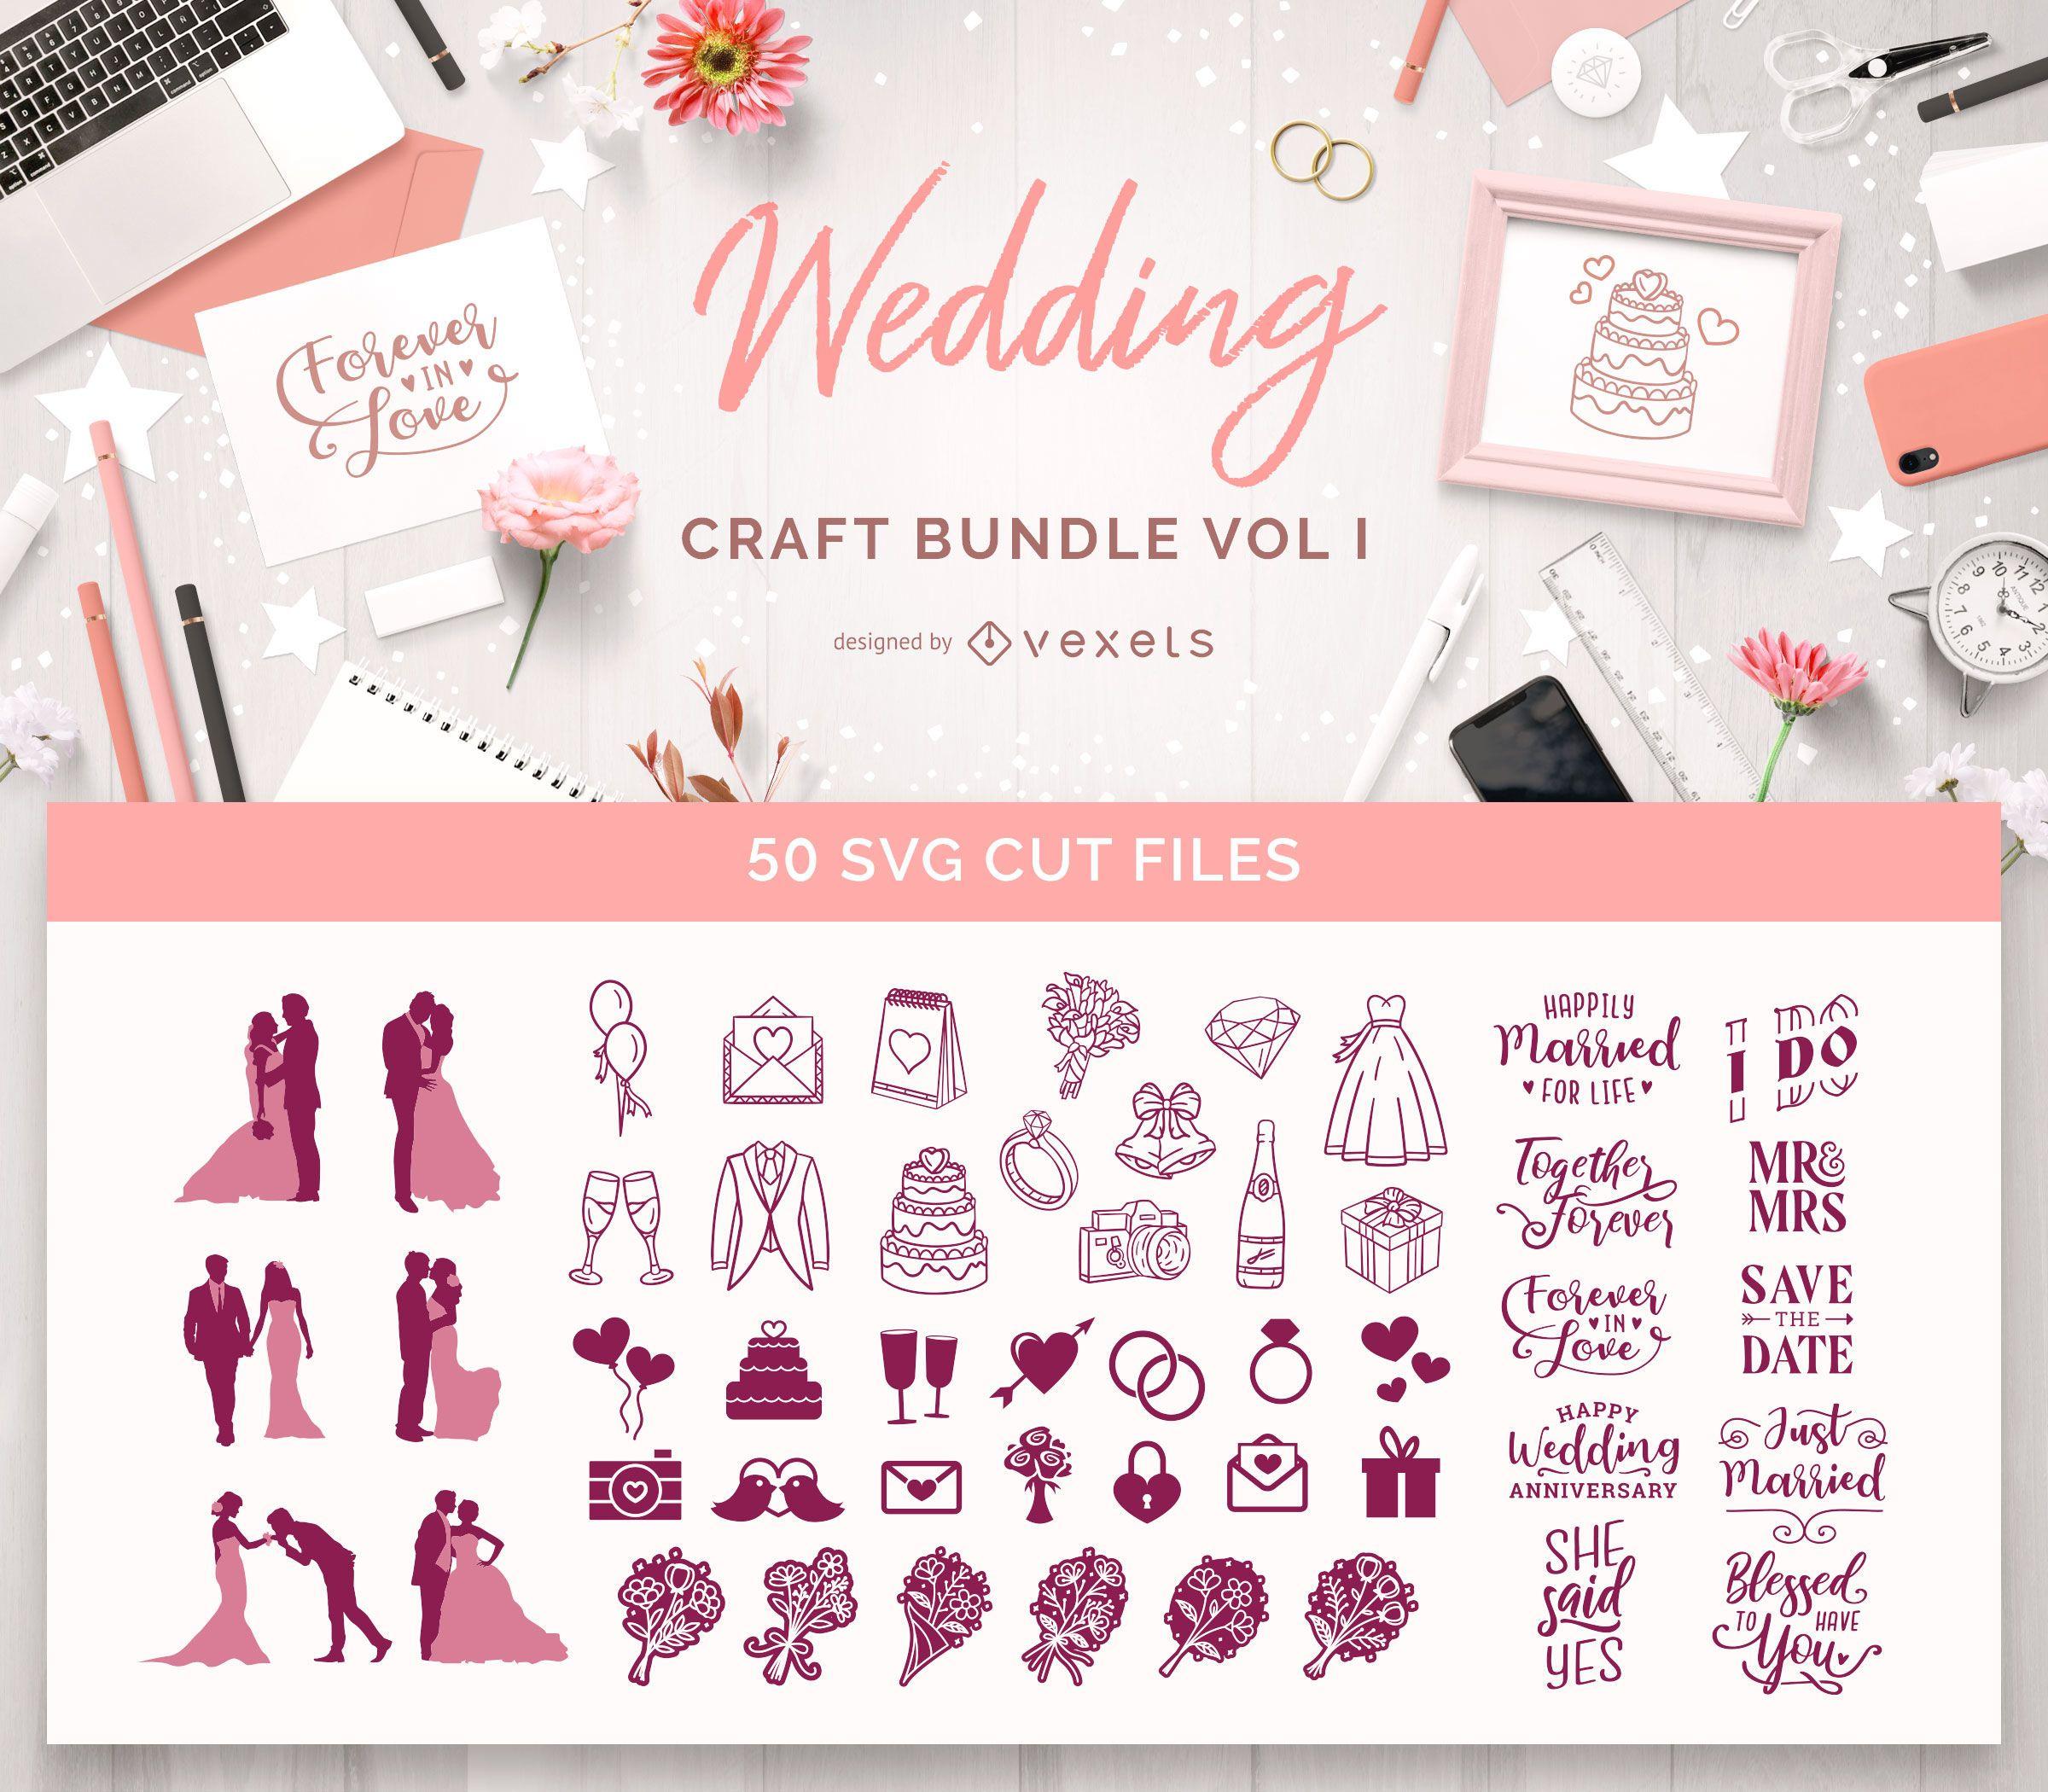 Paquete de manualidades para bodas Vol I